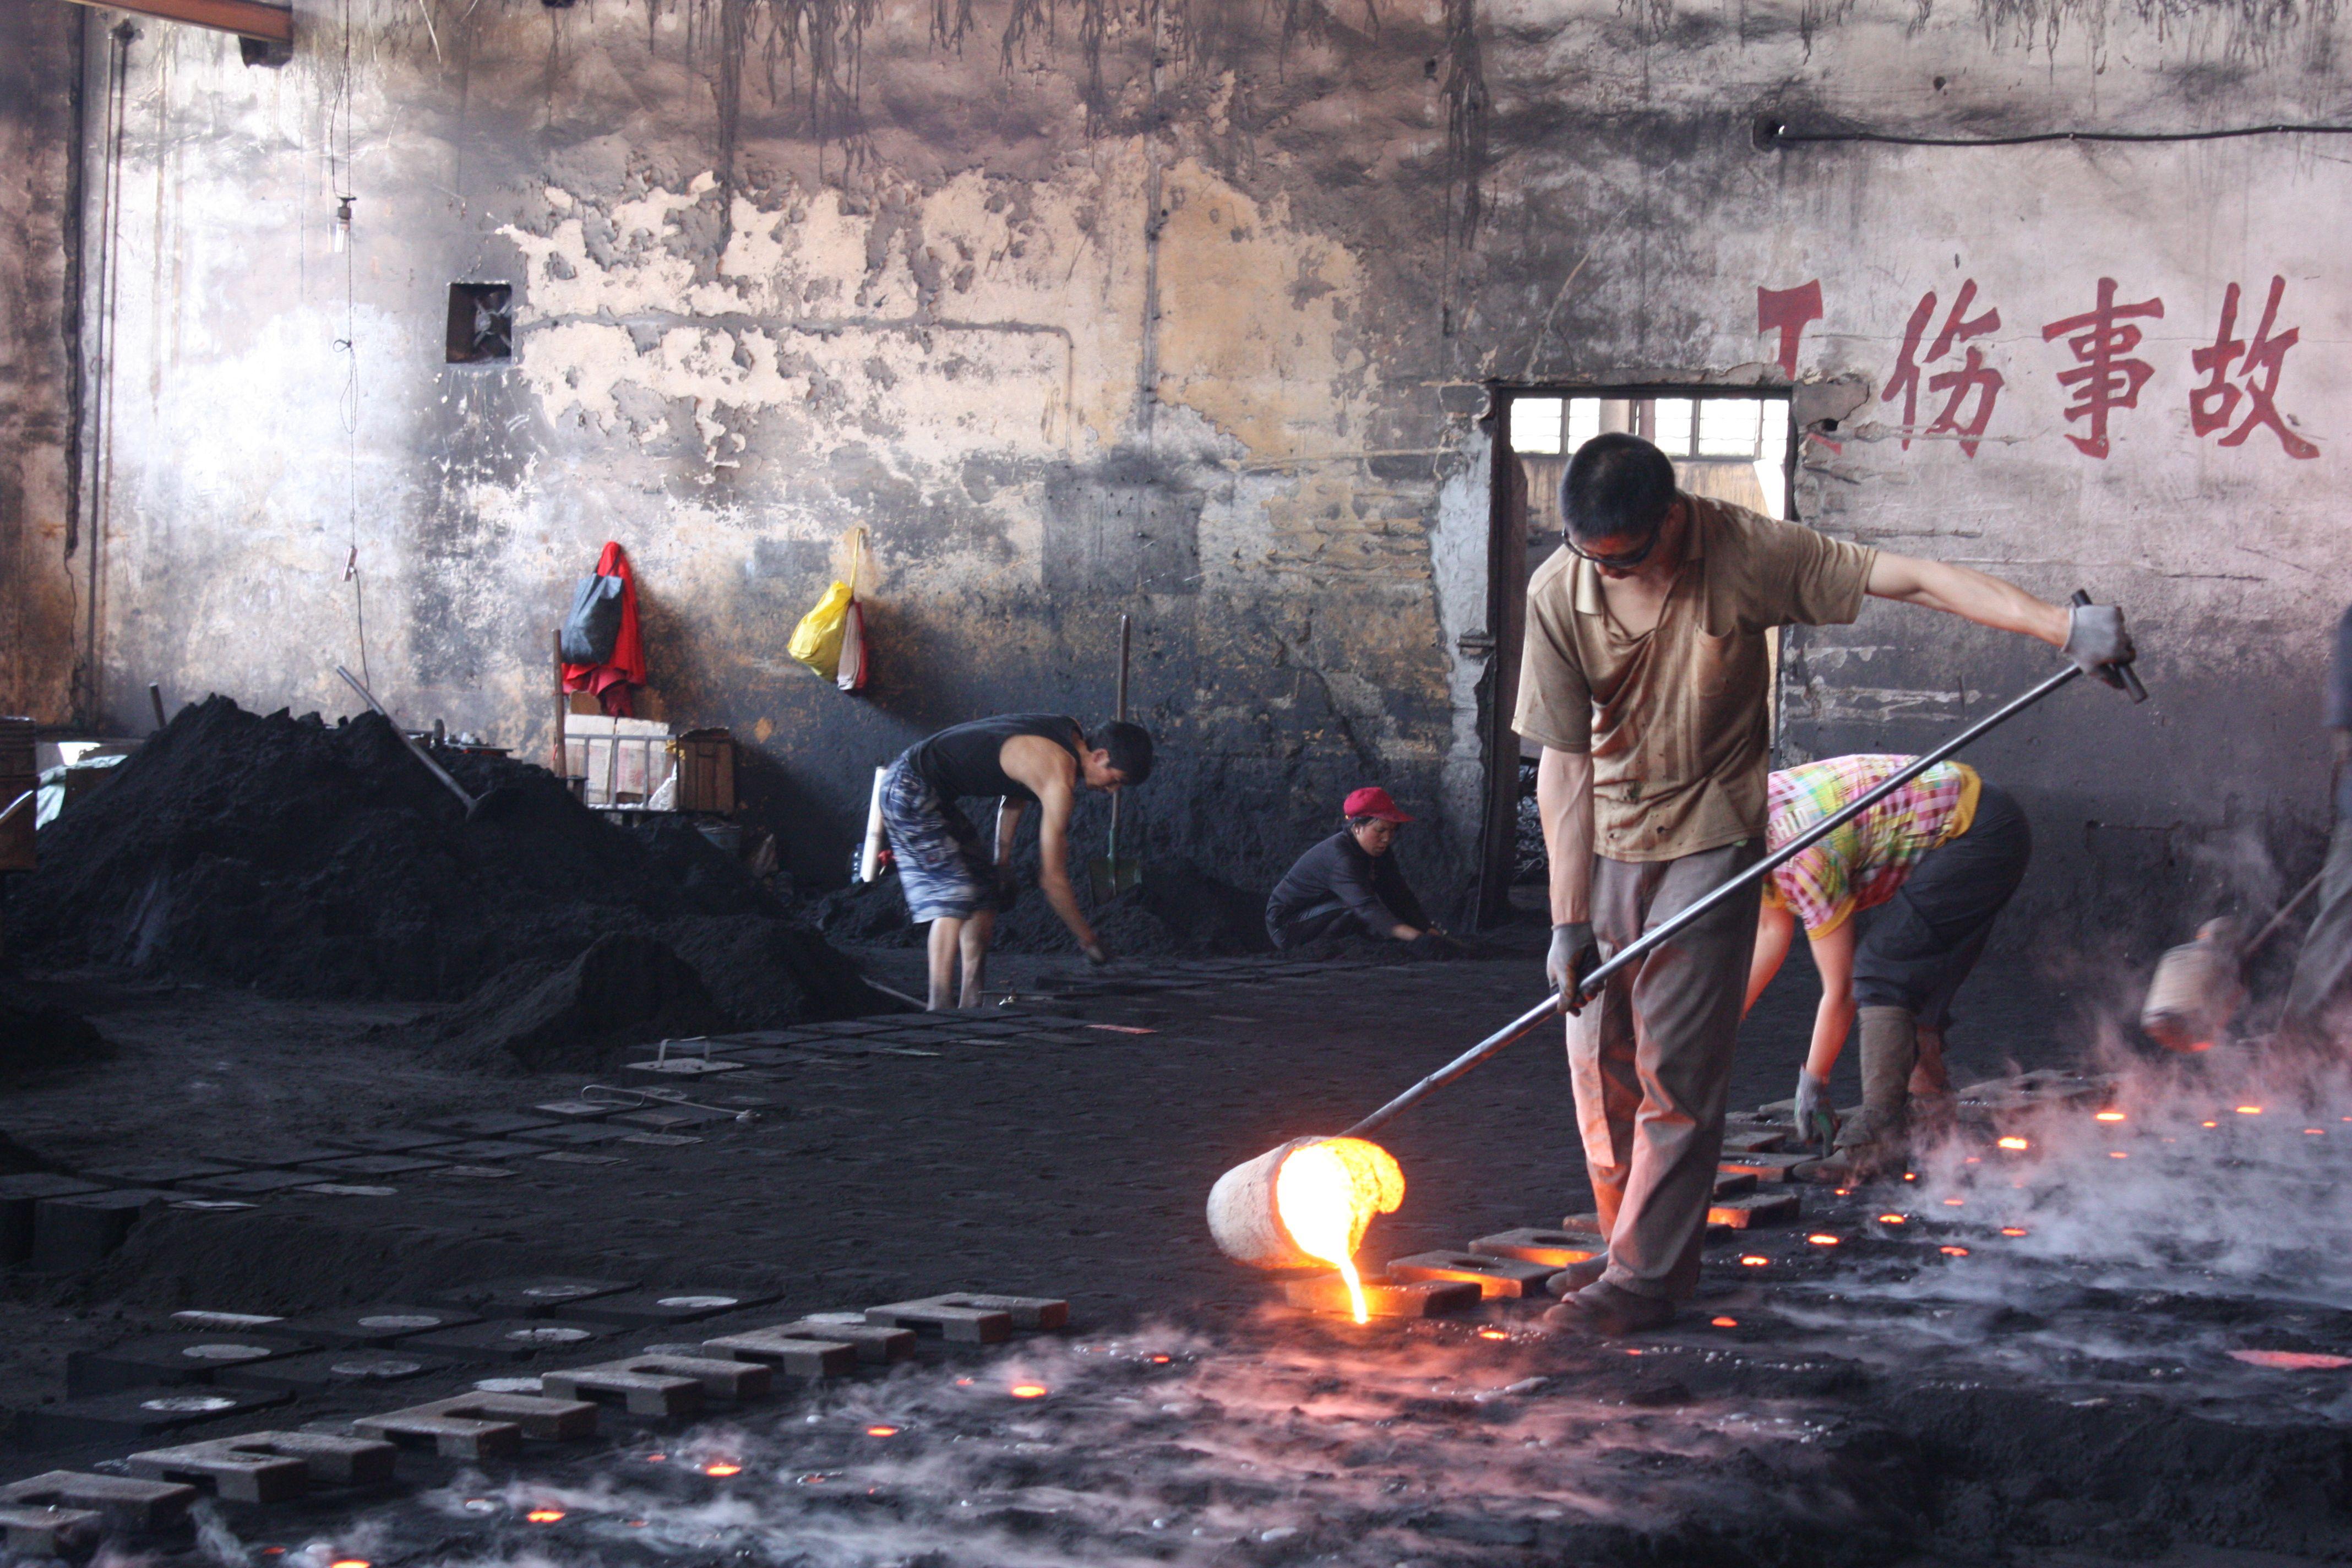 La Commission européenne affirme que la Chine subventionne ses sidérurgistes de façon illégale.